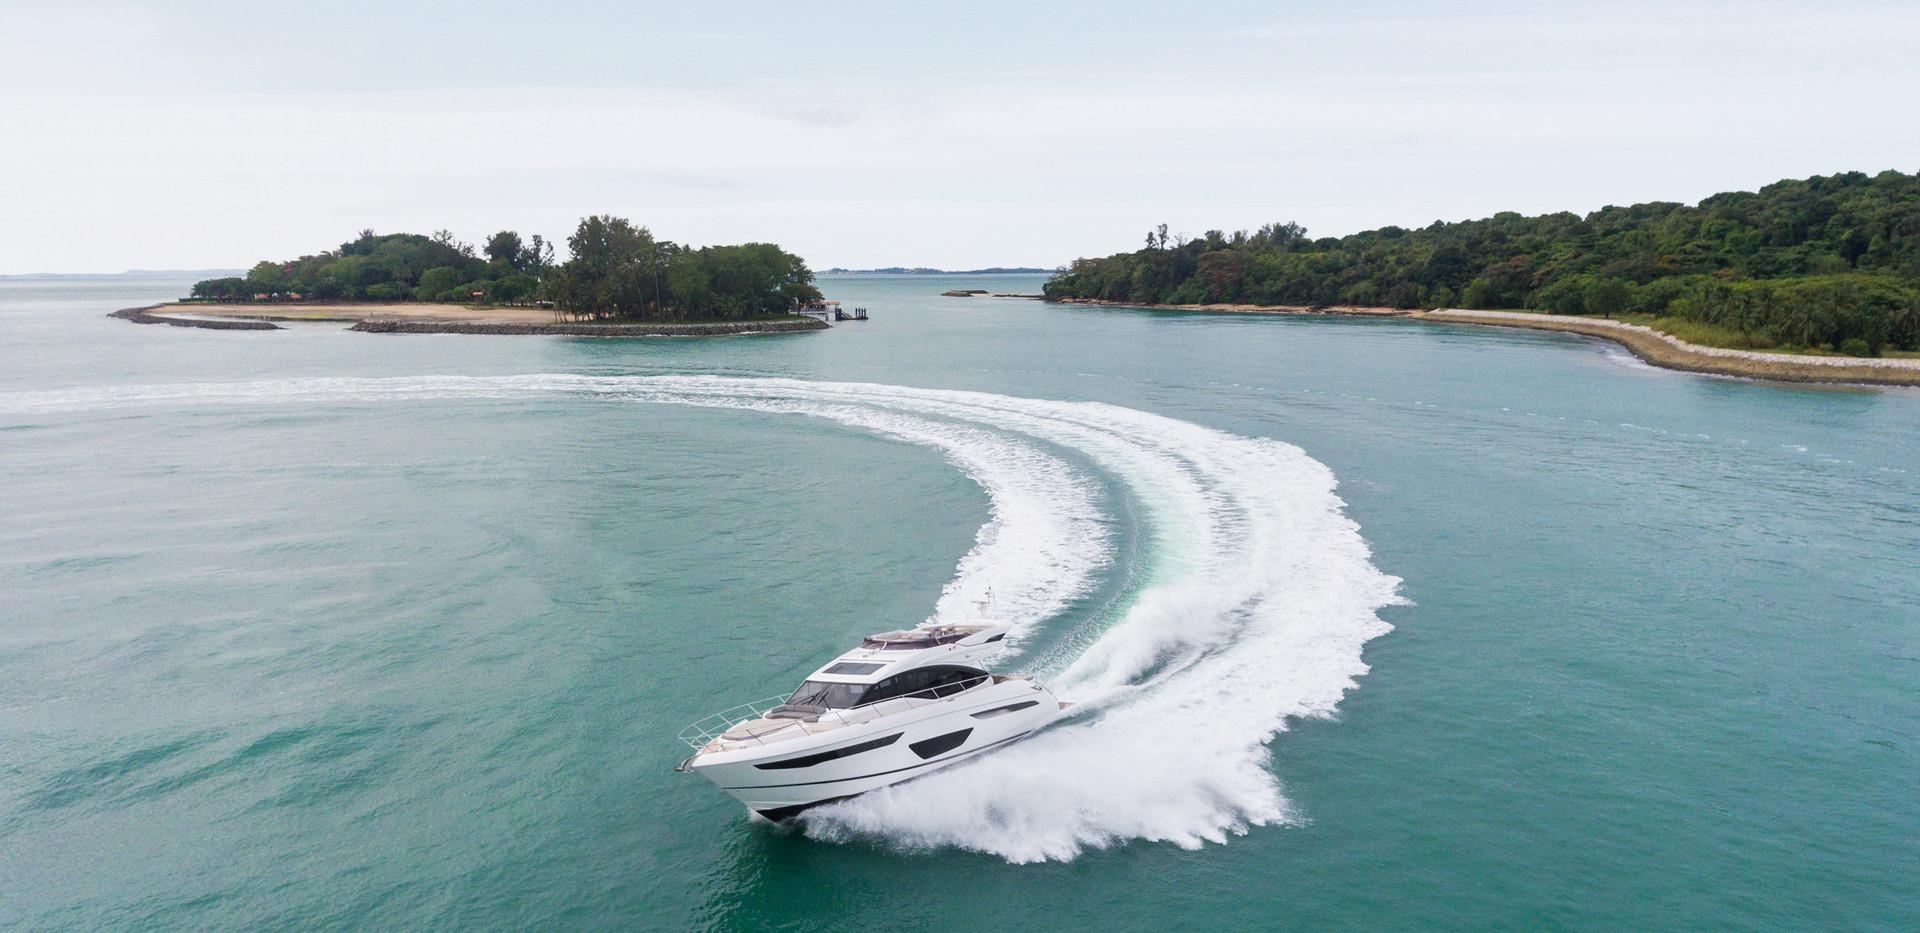 s60-exterior-white-hull-02Abromowitz Sha